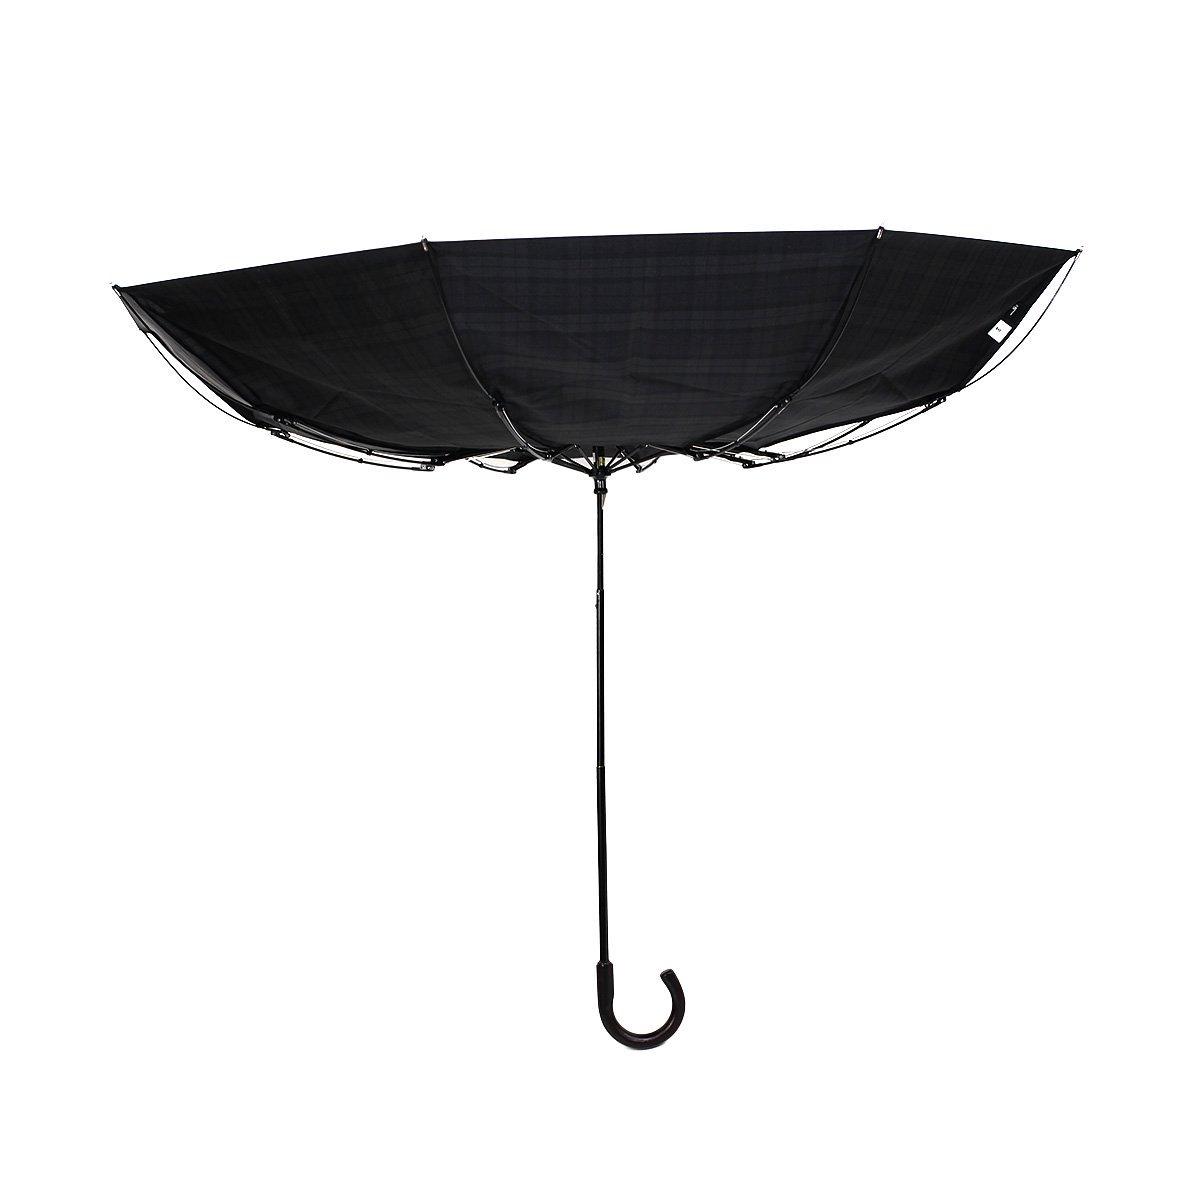 【セール】グリーン ストライプ 耐風骨 折りたたみ傘 詳細画像8